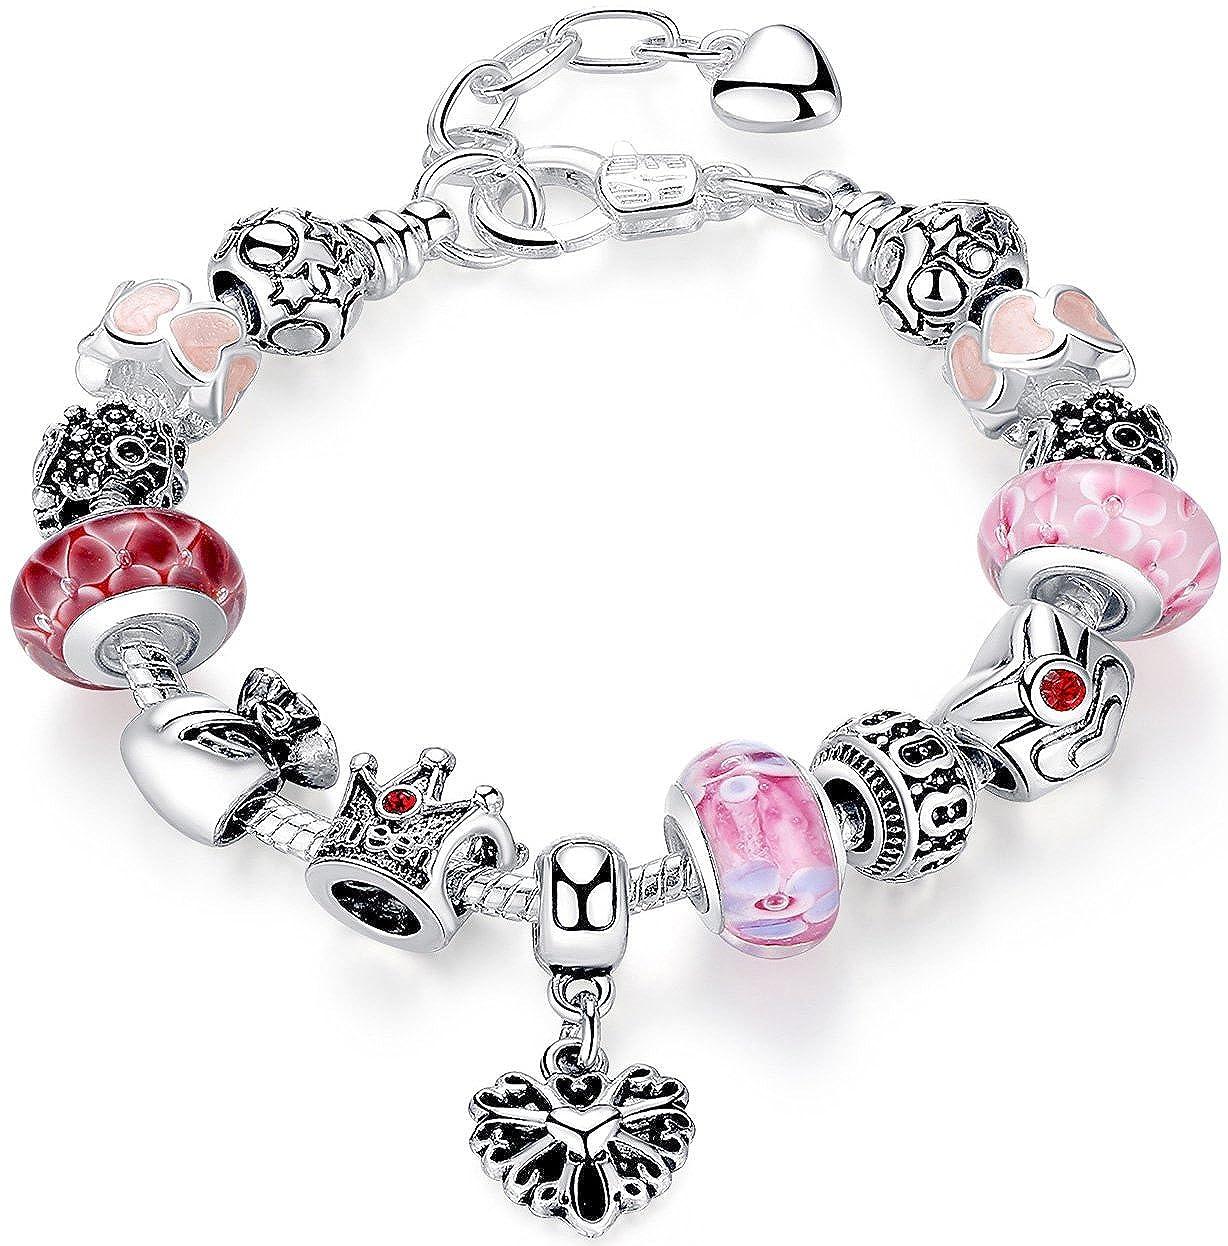 ANEWISH Bracelet pour les filles, Bijoux Fashion, fleurs Reine Perles charme, beau cadeau. f0007-b-queen